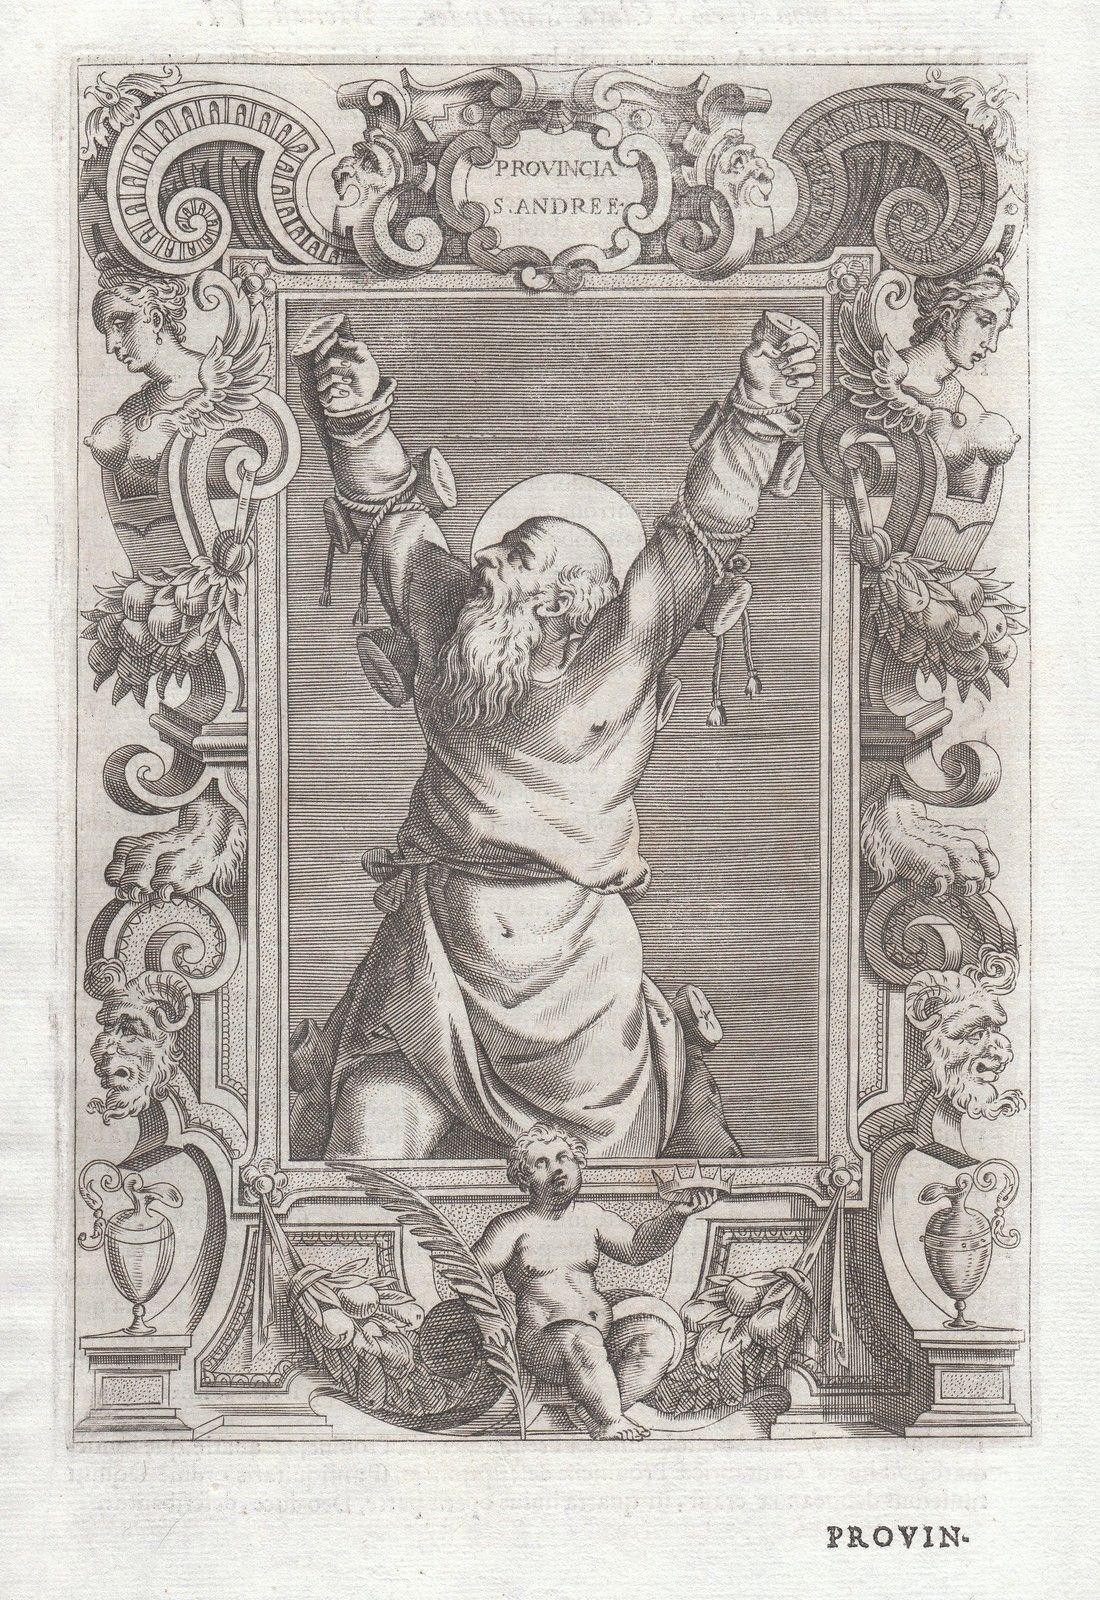 S.Andrea incisione